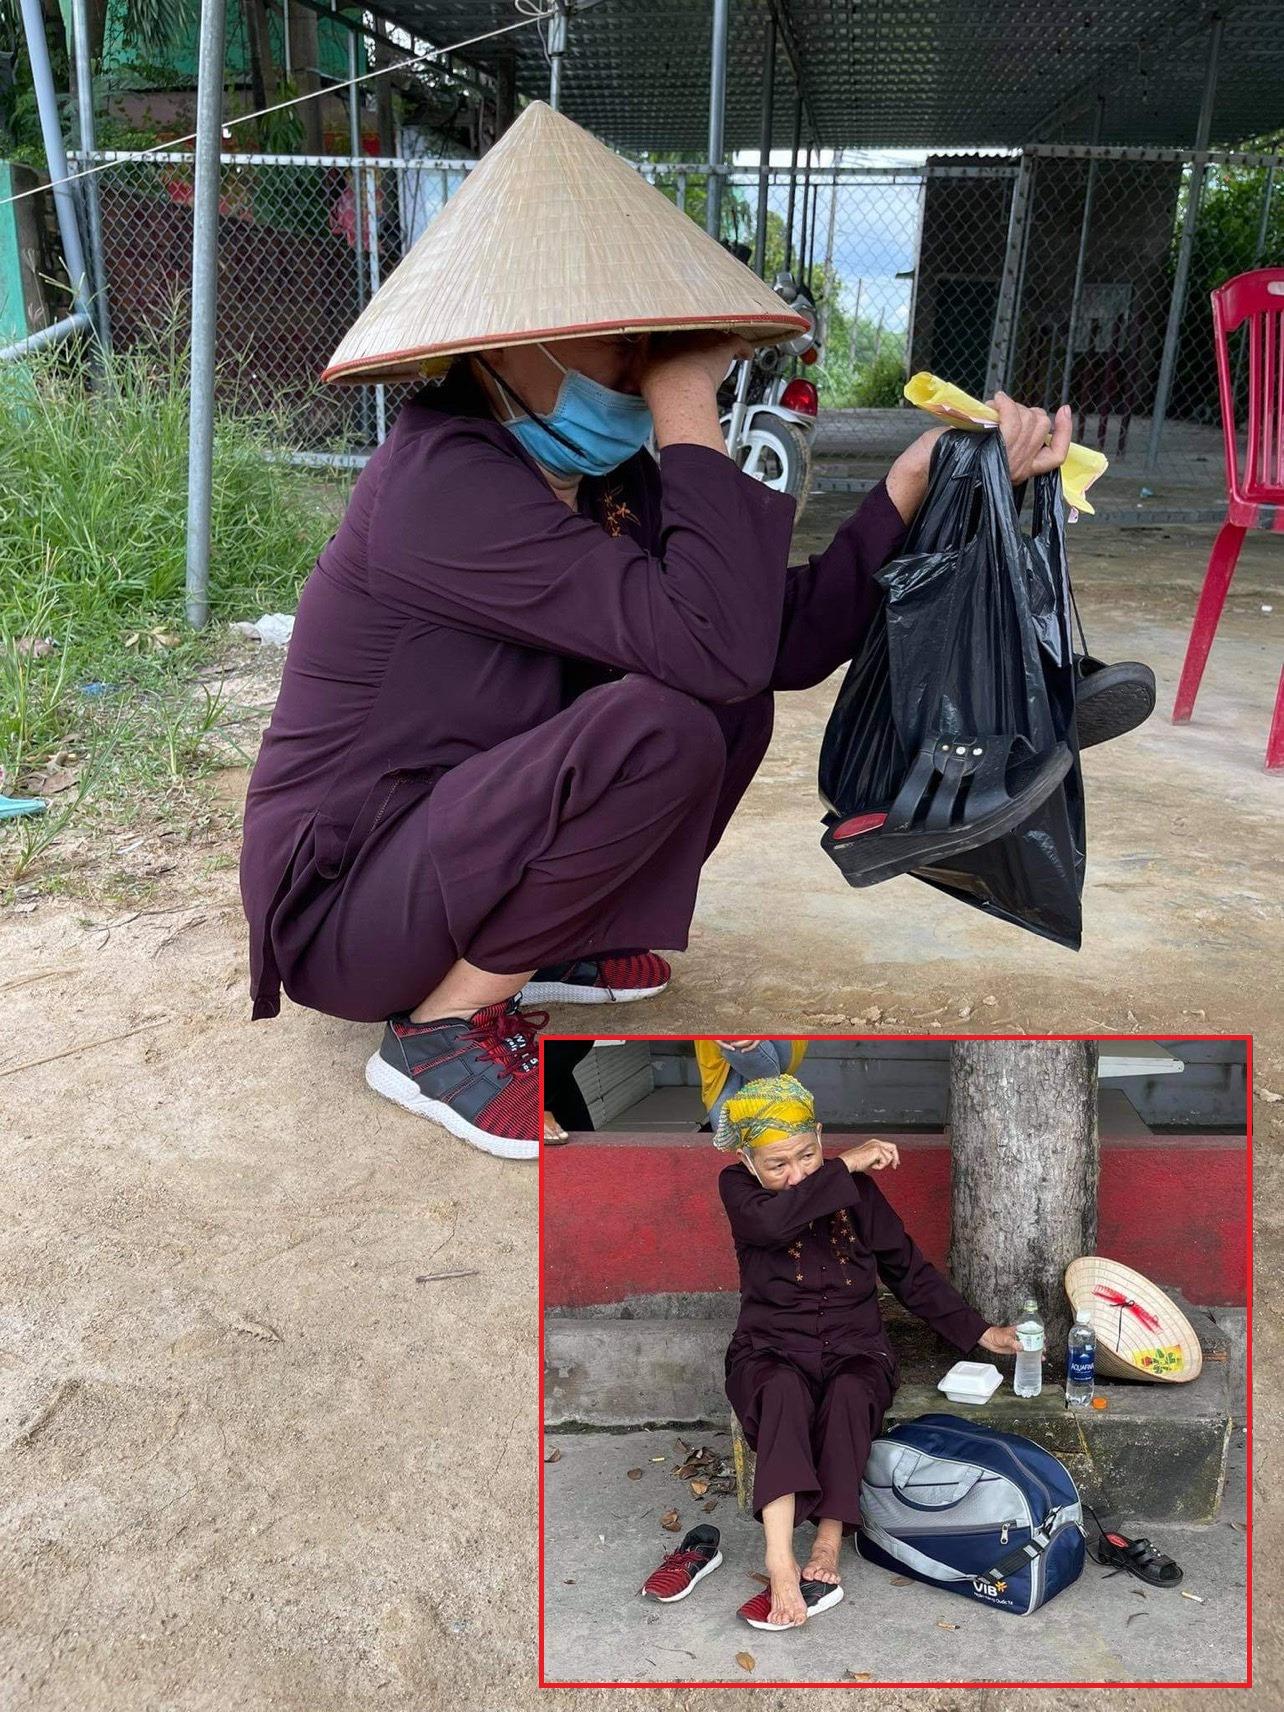 Cụ bà đi bộ hơn 1300 cây số từ TP.HCM về Nghệ An, mạnh thường quân cho tiền cũng không nhận vì chỉ muốn về nhà 4